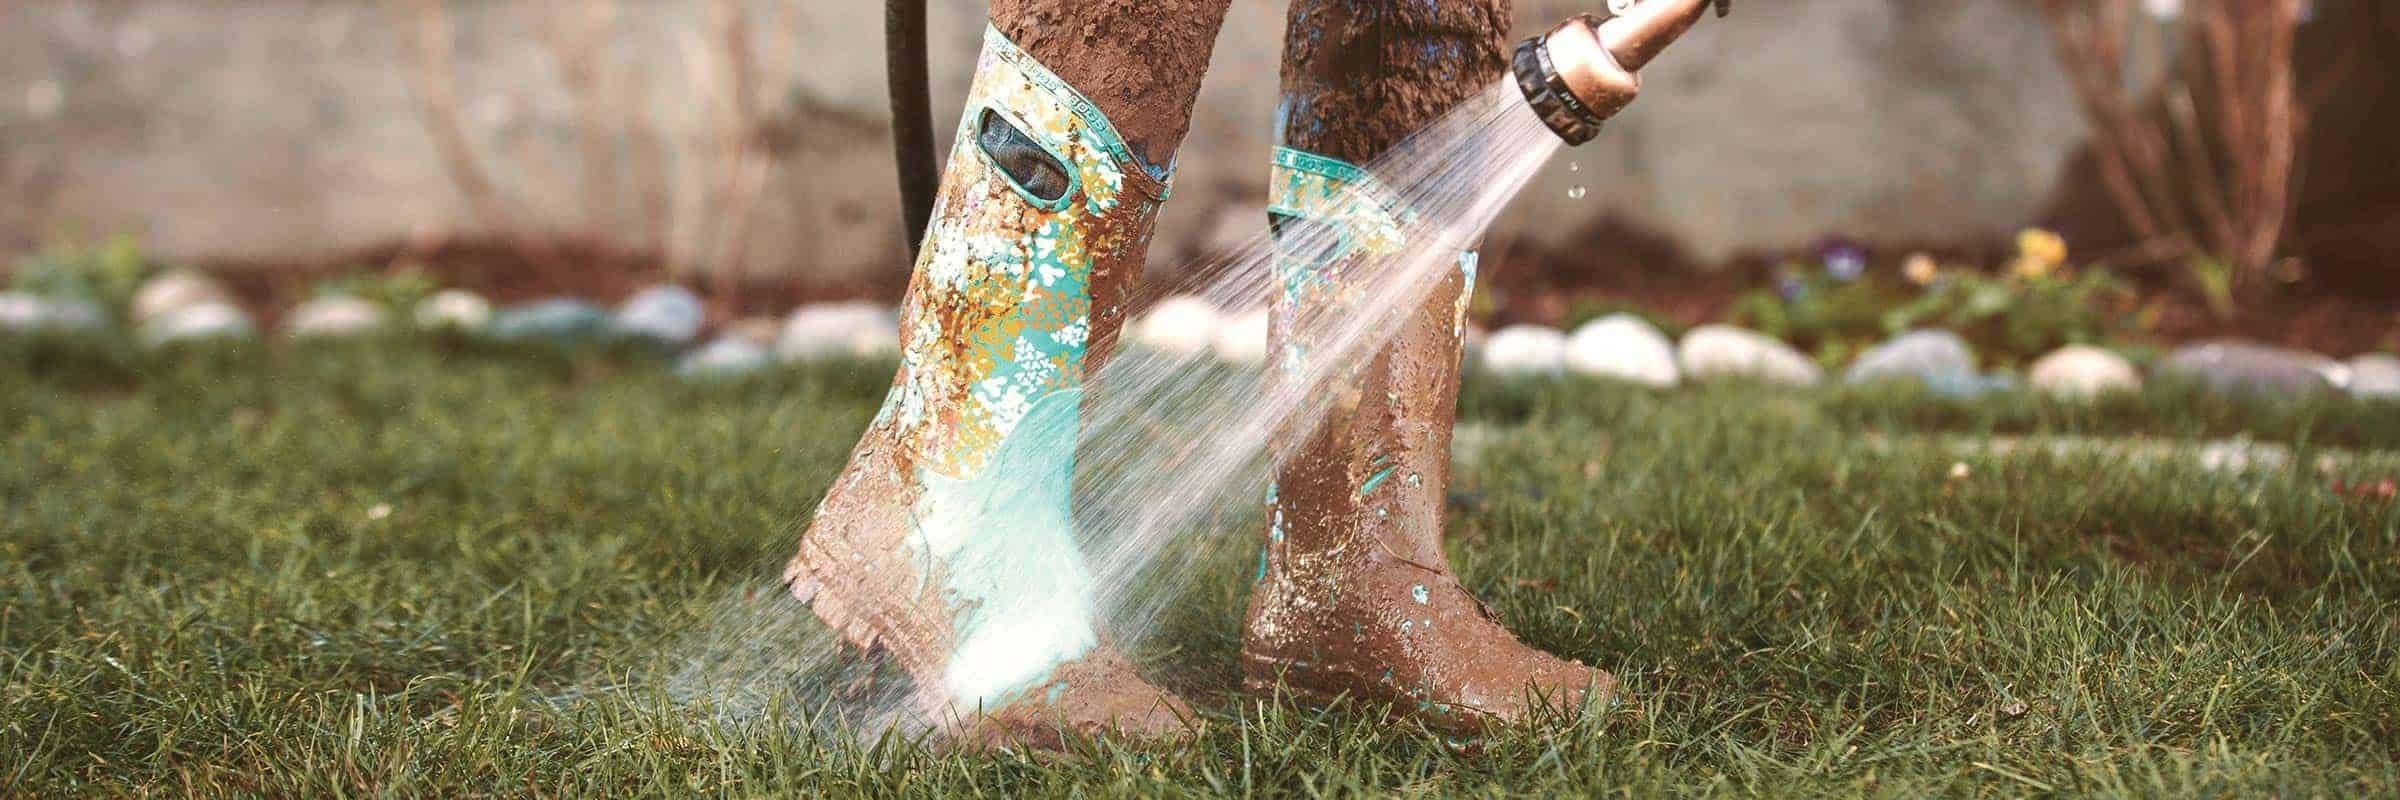 Comment bien choisir ses bottes de pluie